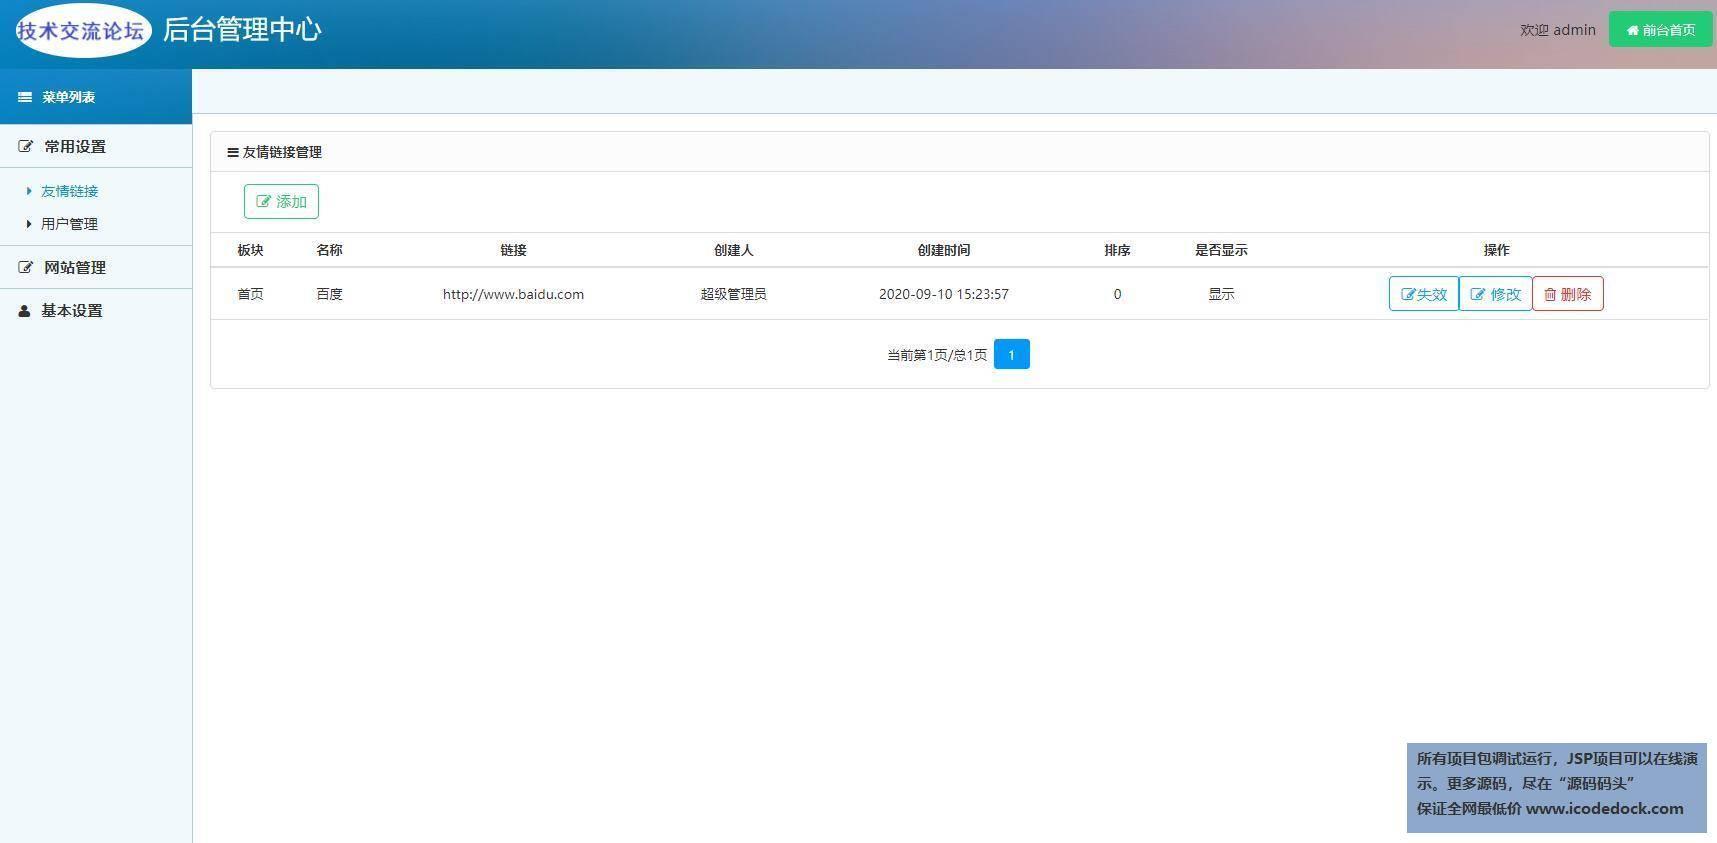 源码码头-SSM搭建的一个BBS论坛-管理员角色-后台管理